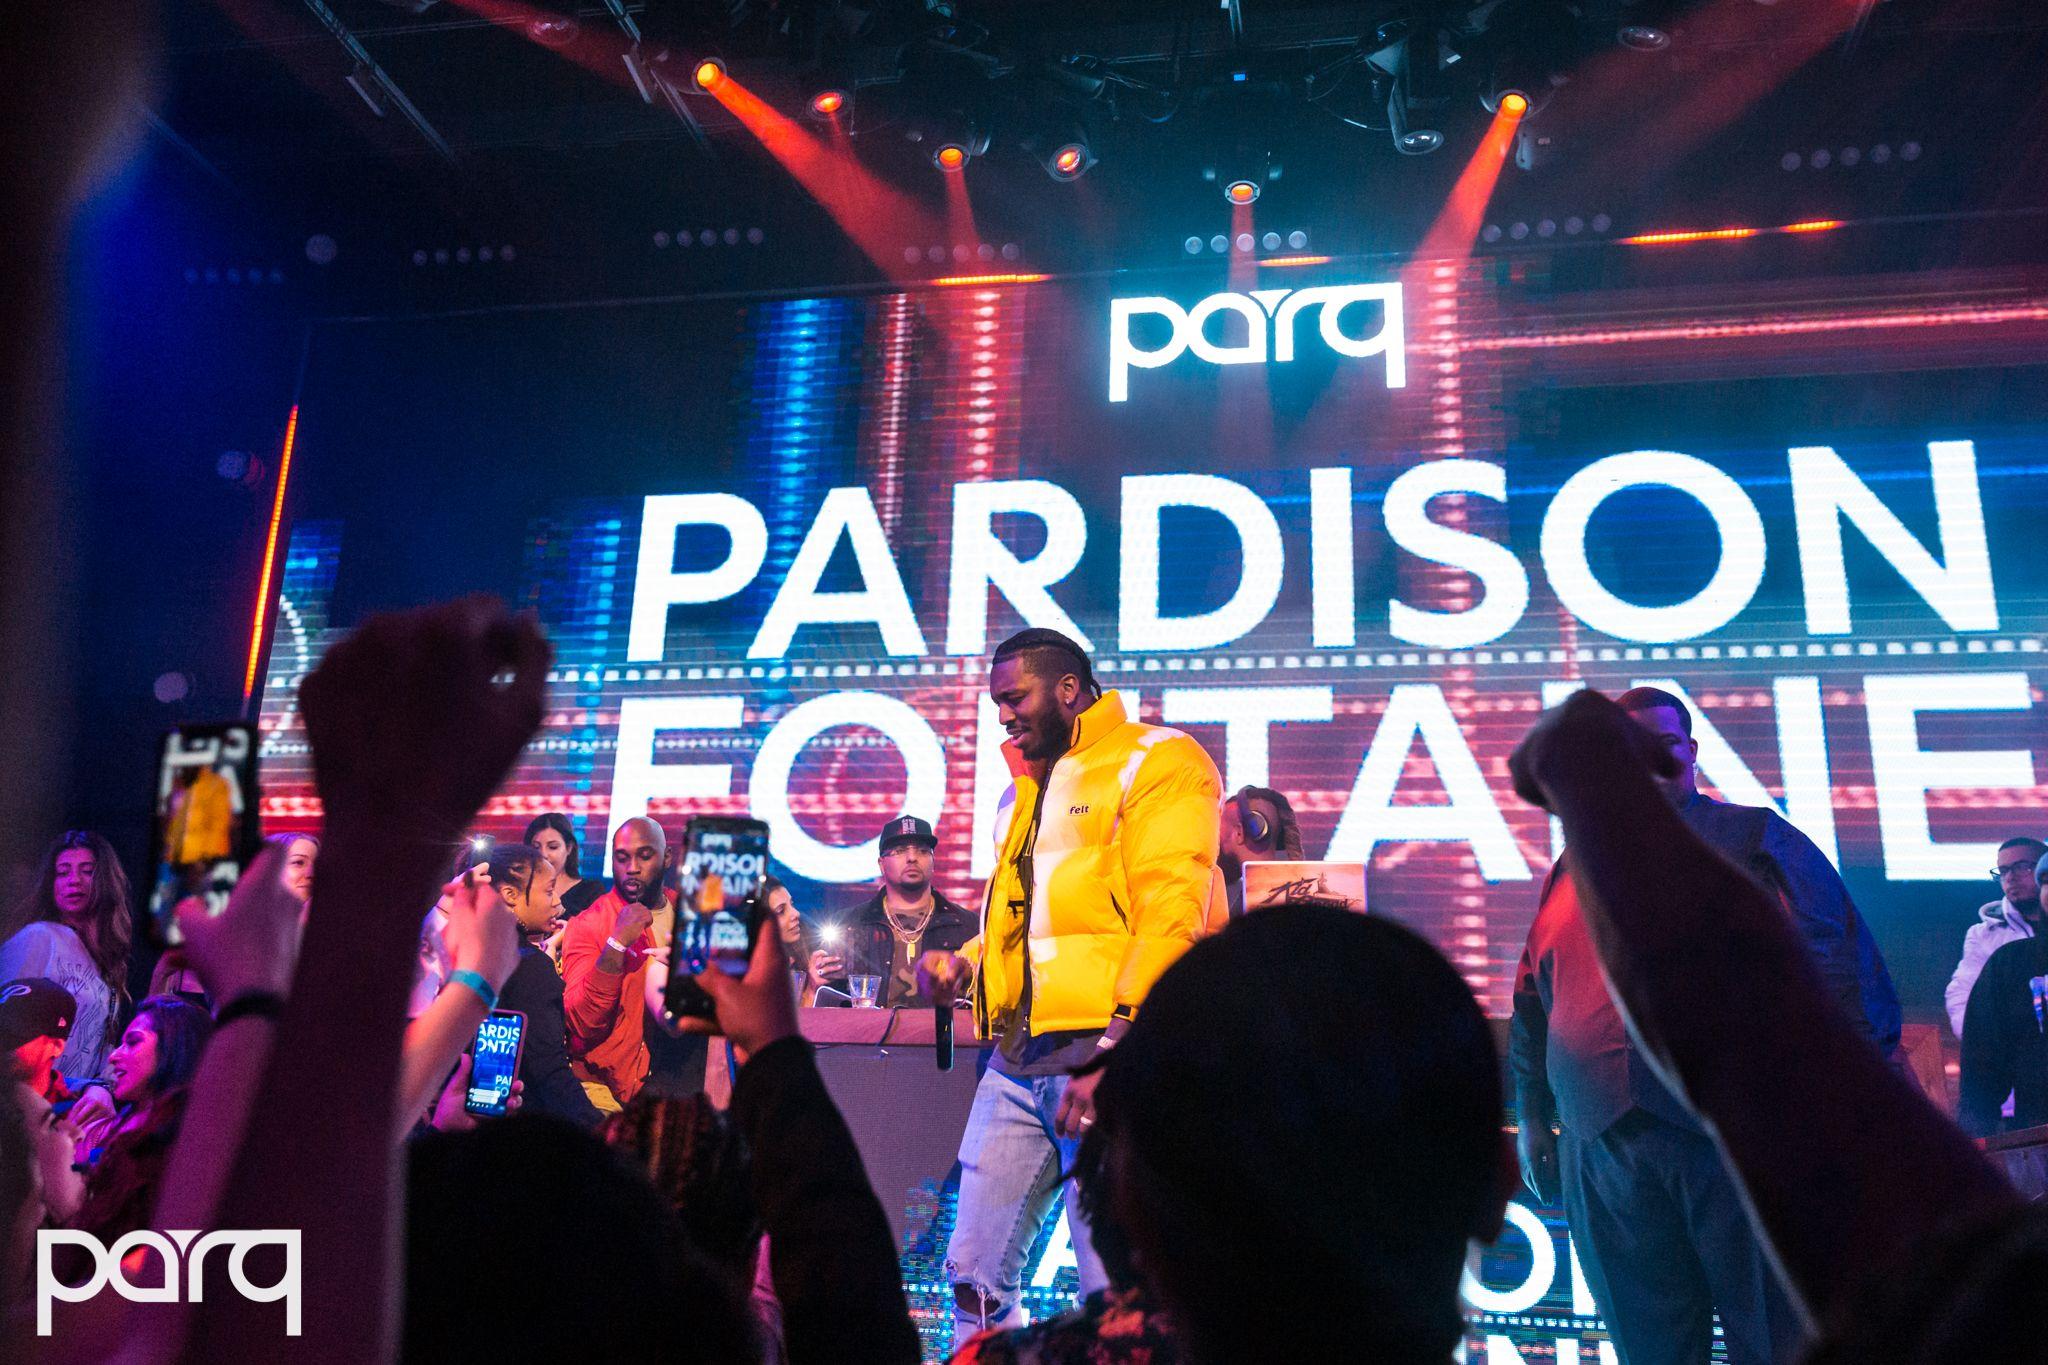 01.24.20 Parq - Pardison Fontaine-12.jpg